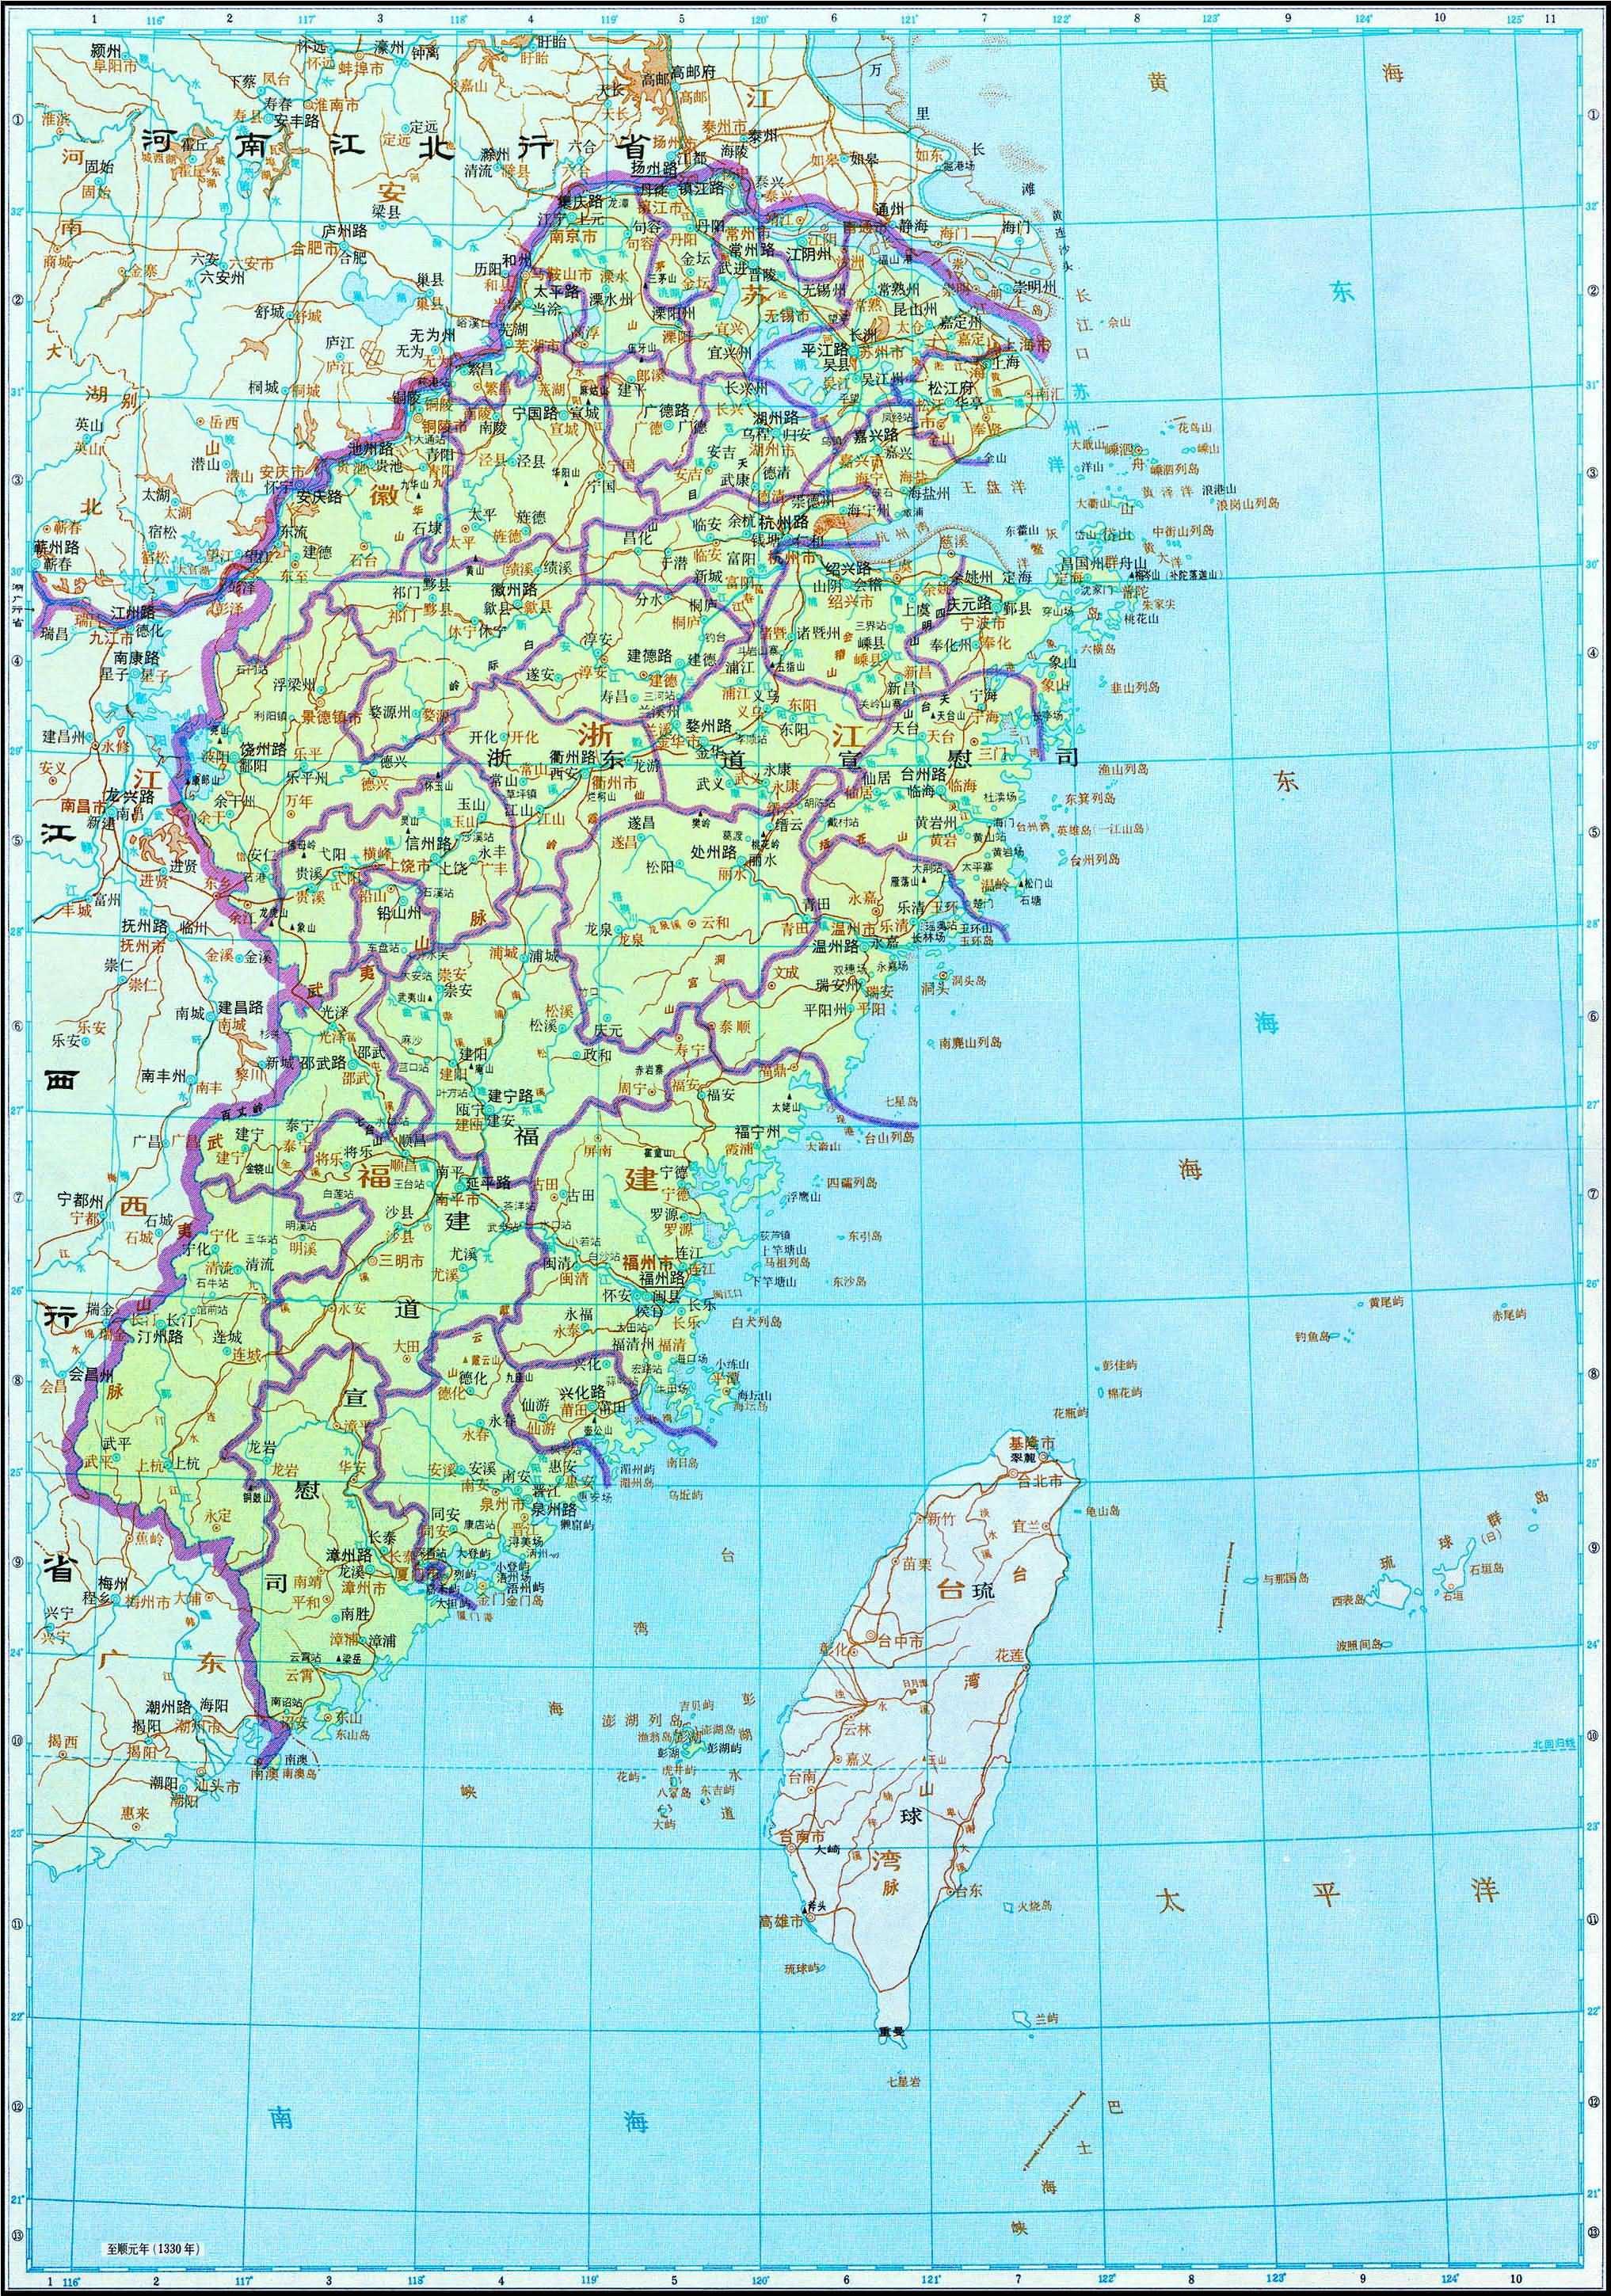 太湖流域的苏州无锡和湖州杭州为何会被划分到两个不同的省份里去?